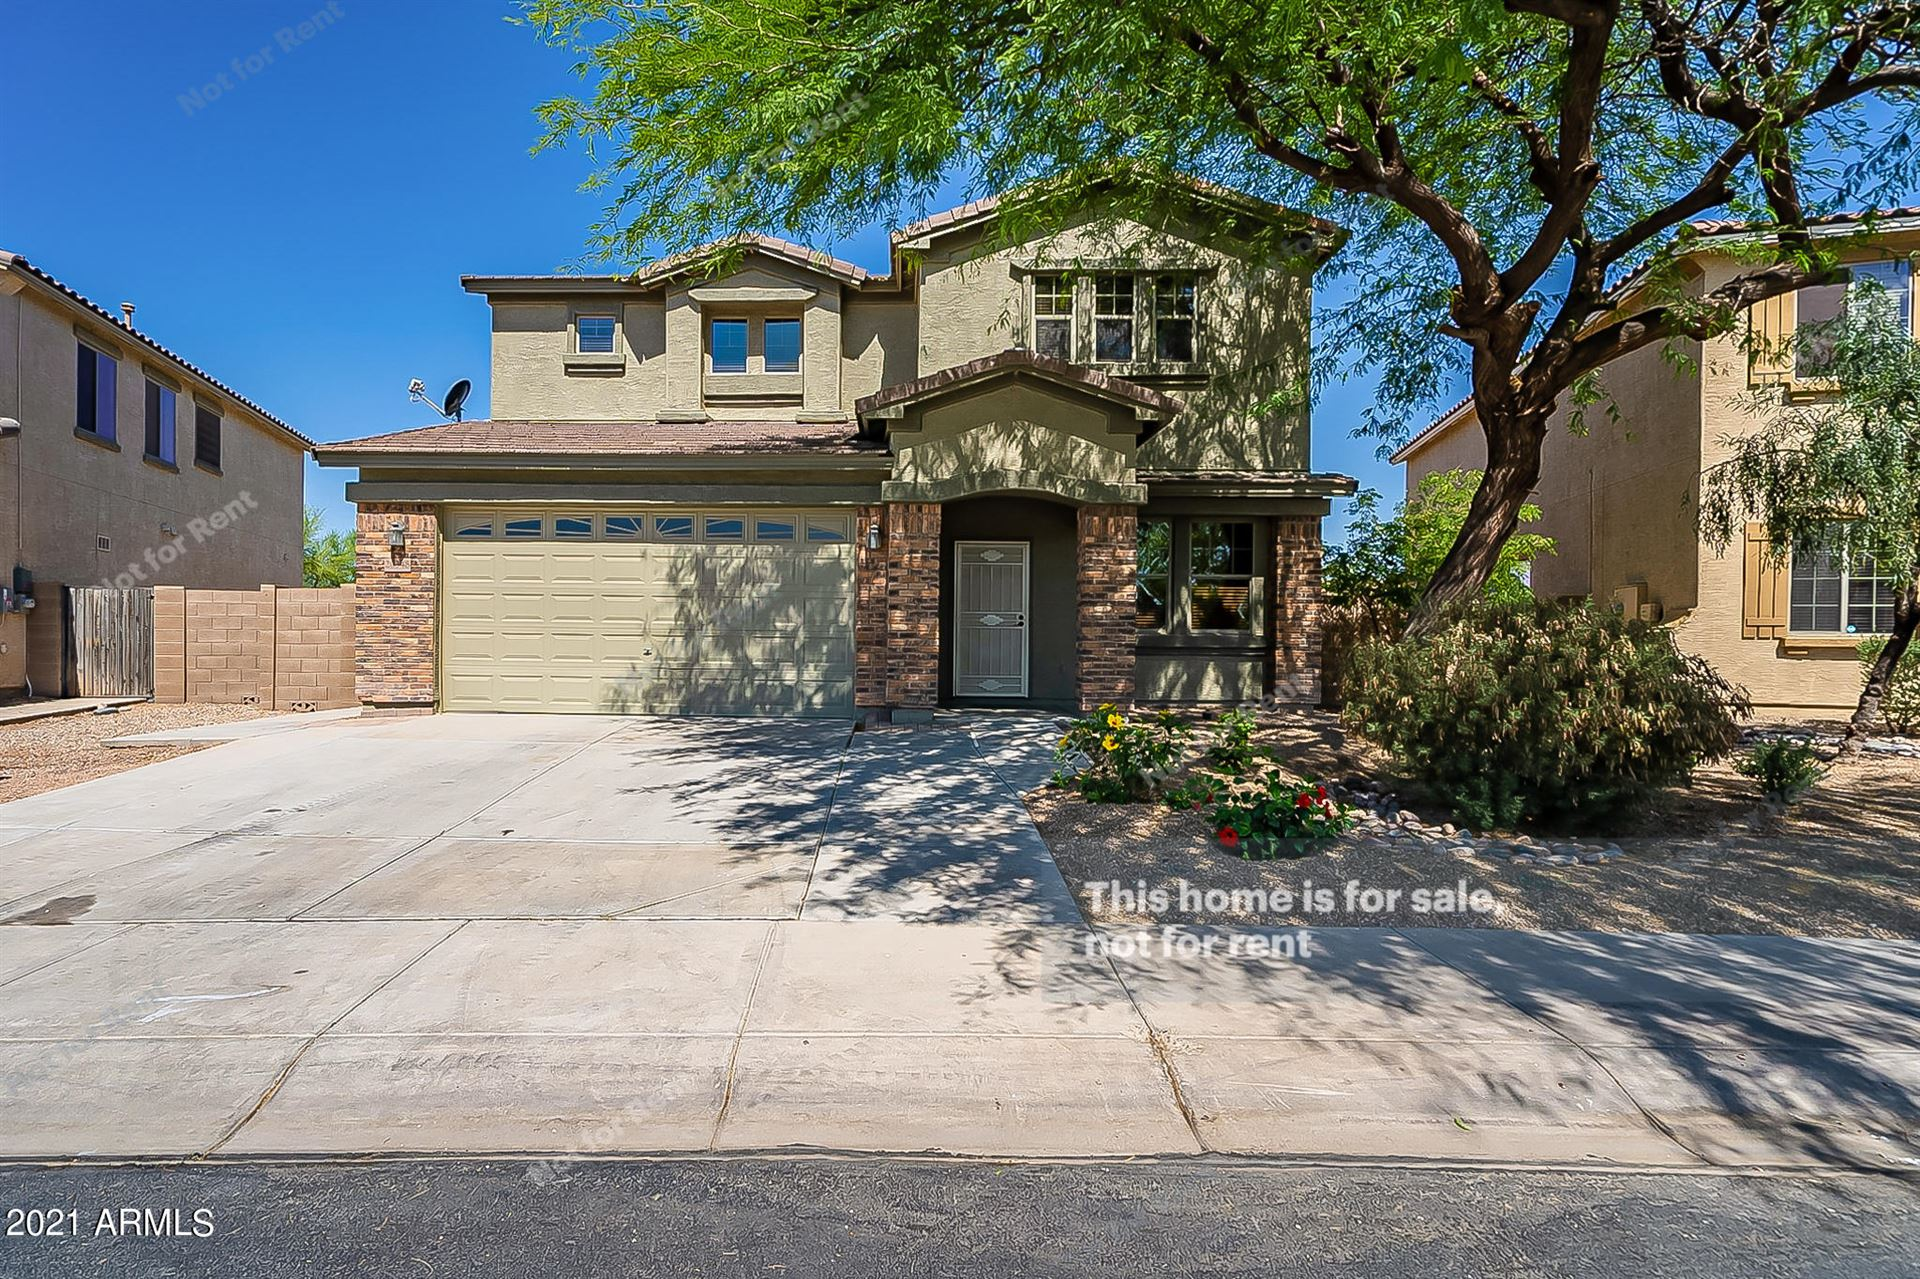 Photo for 20348 N DONITHAN Way, Maricopa, AZ 85138 (MLS # 6238966)